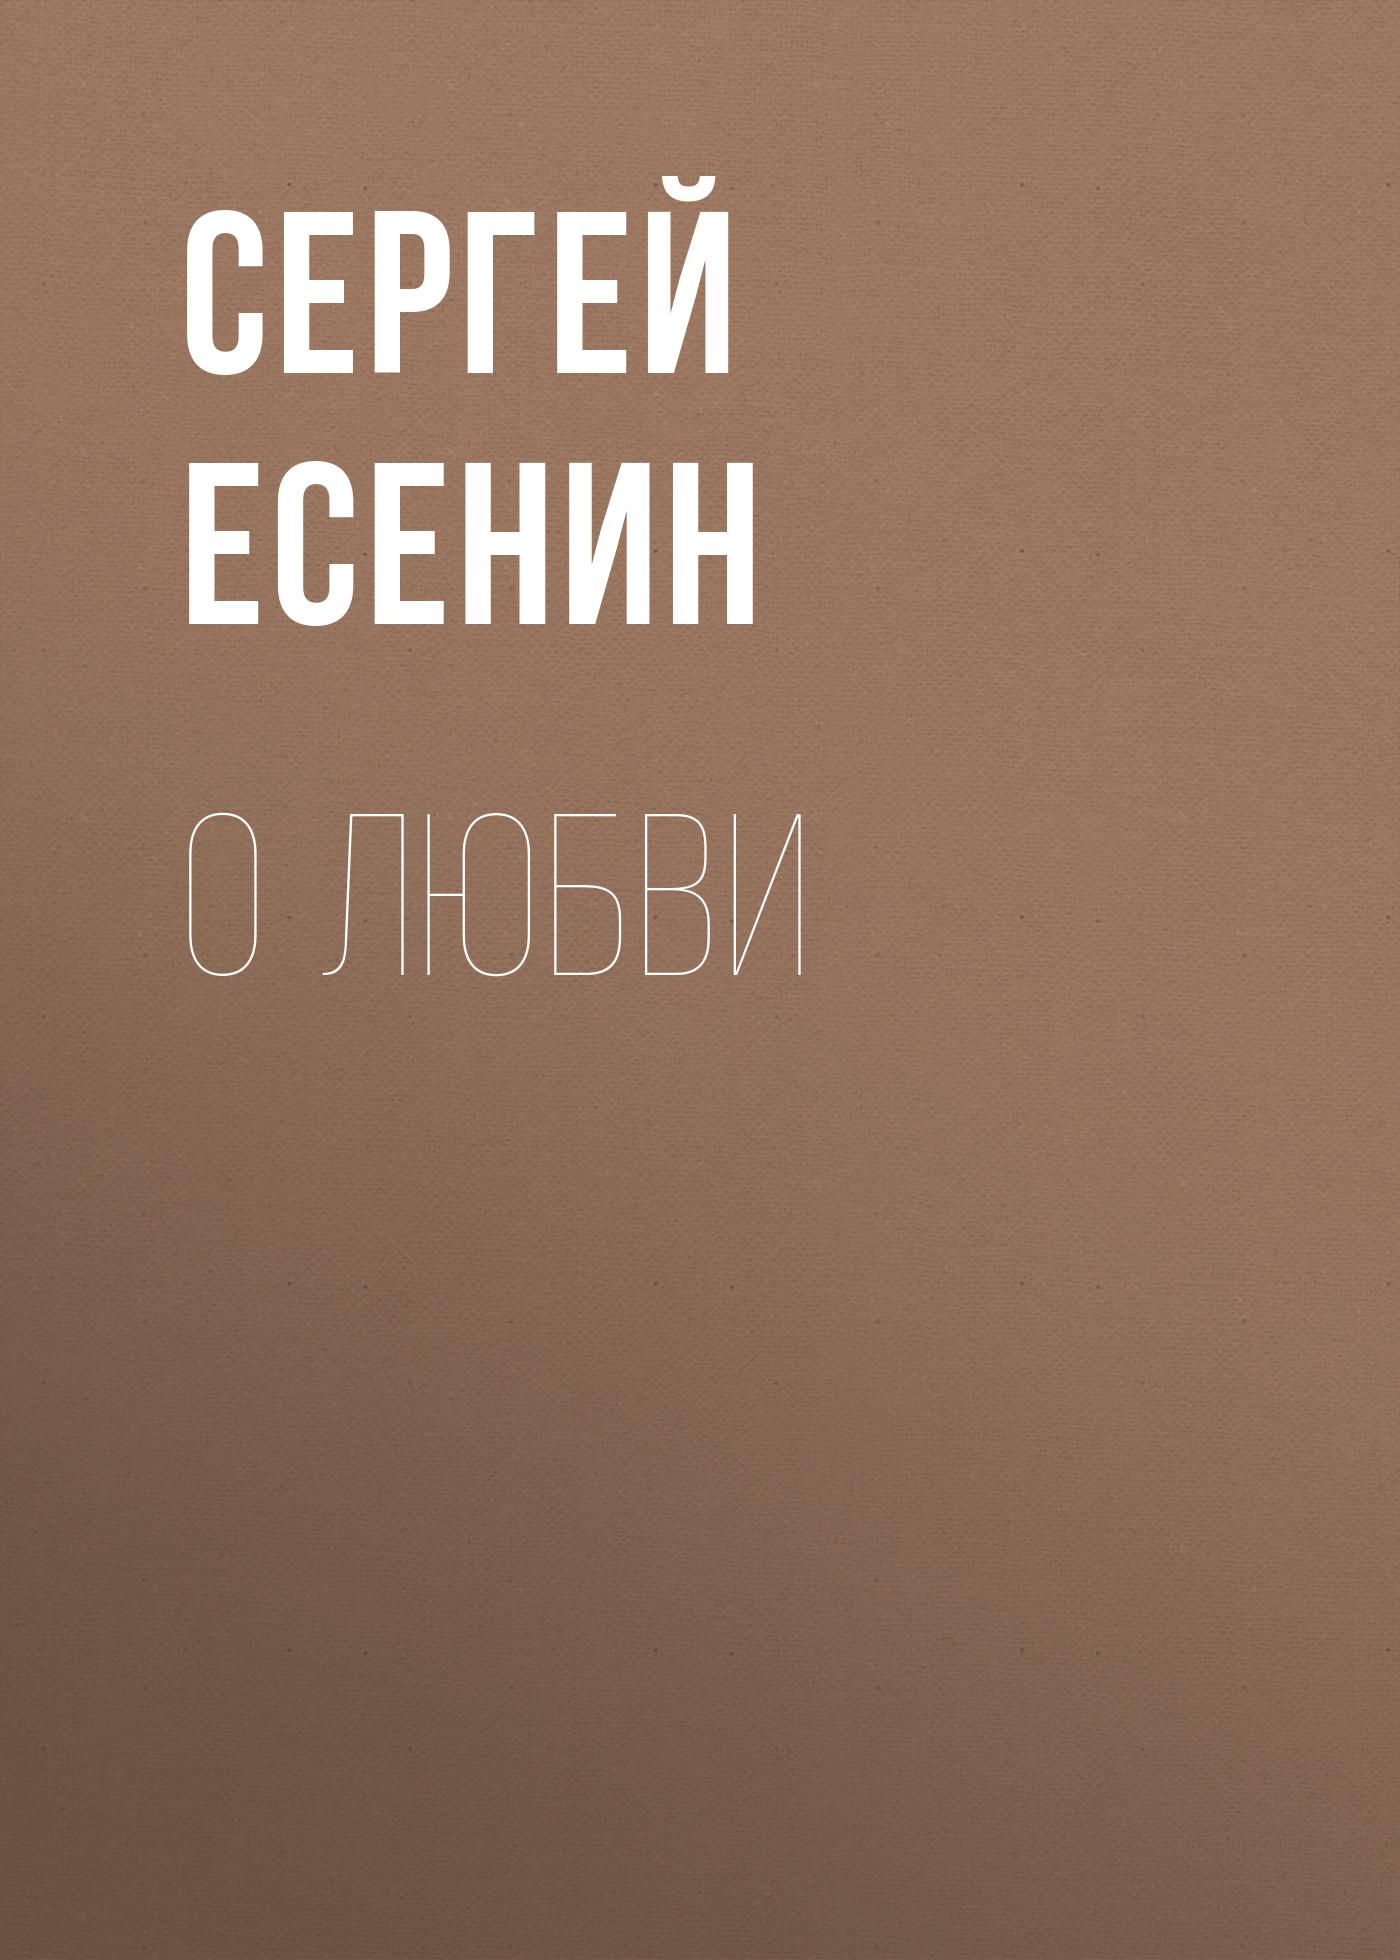 Сергей Есенин О любви тайна христианской любви и брака